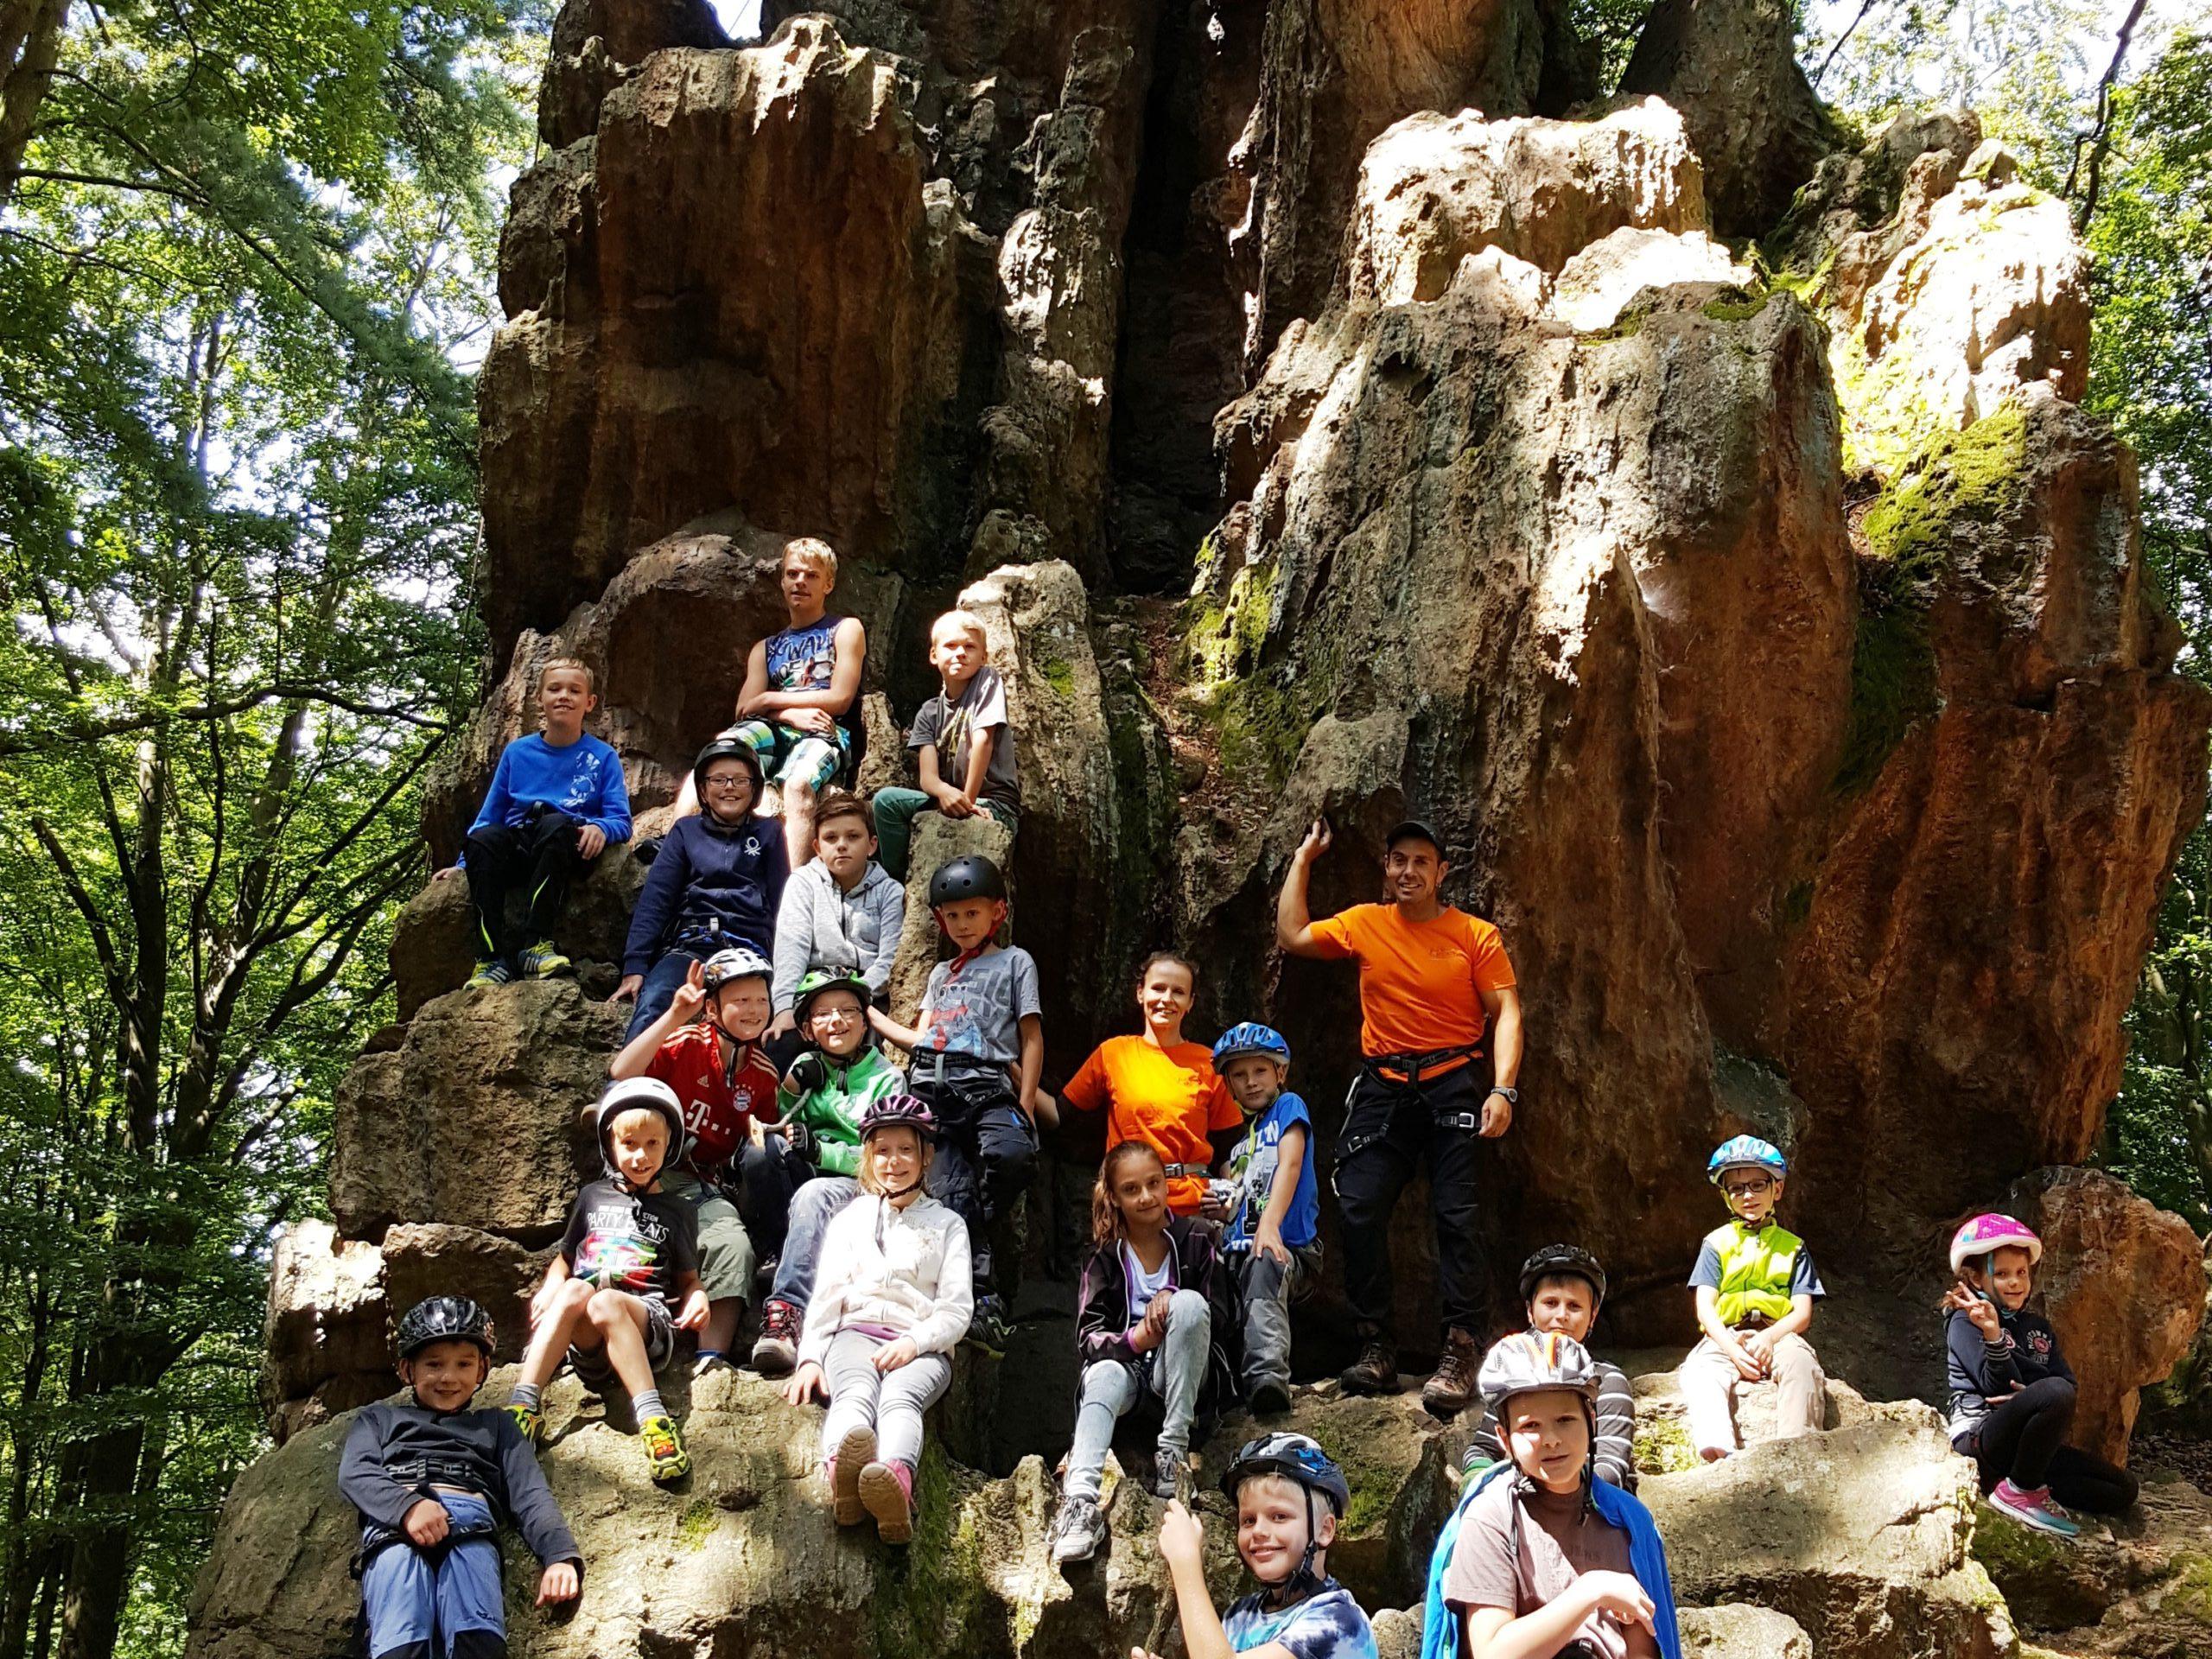 Klettern Kindergruppe